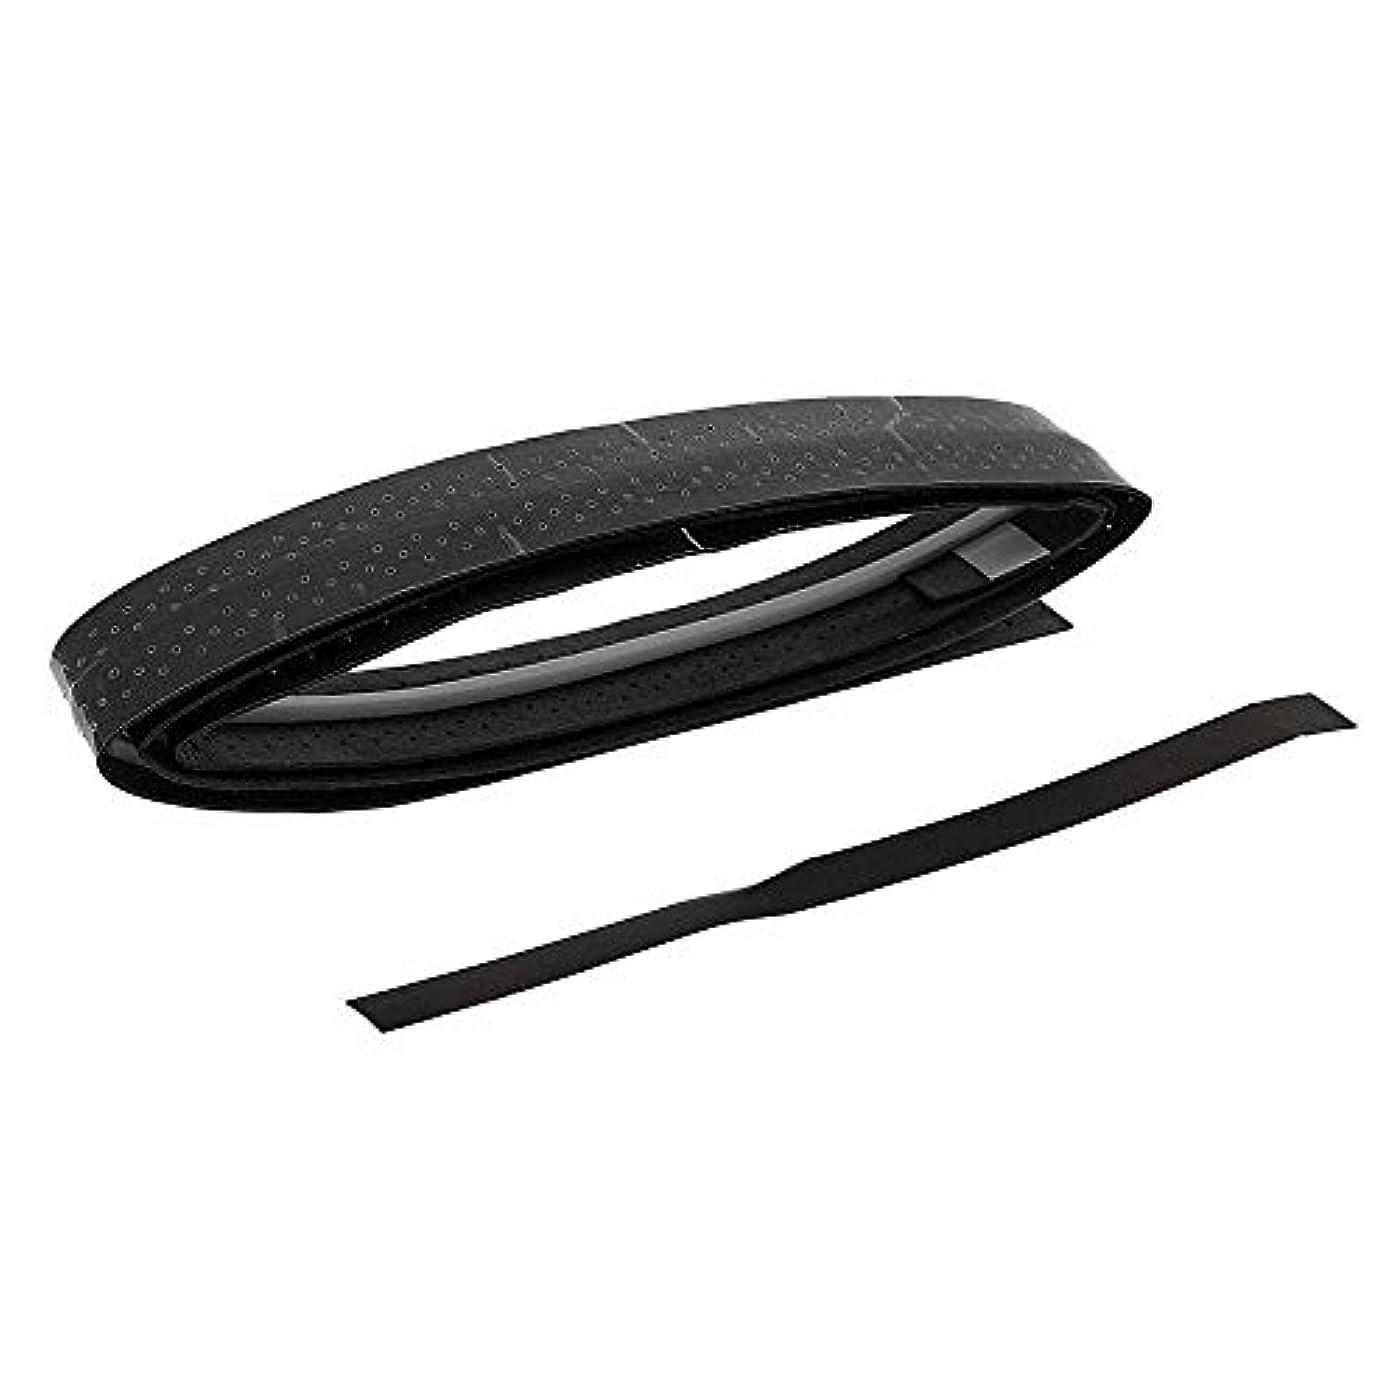 ペン流体保持Onior バドミントンラケットグリップグリップ汗吸収キールグリップハンド接着剤滑り止め弾性テニスグリップハンドルラップ2個ブラック